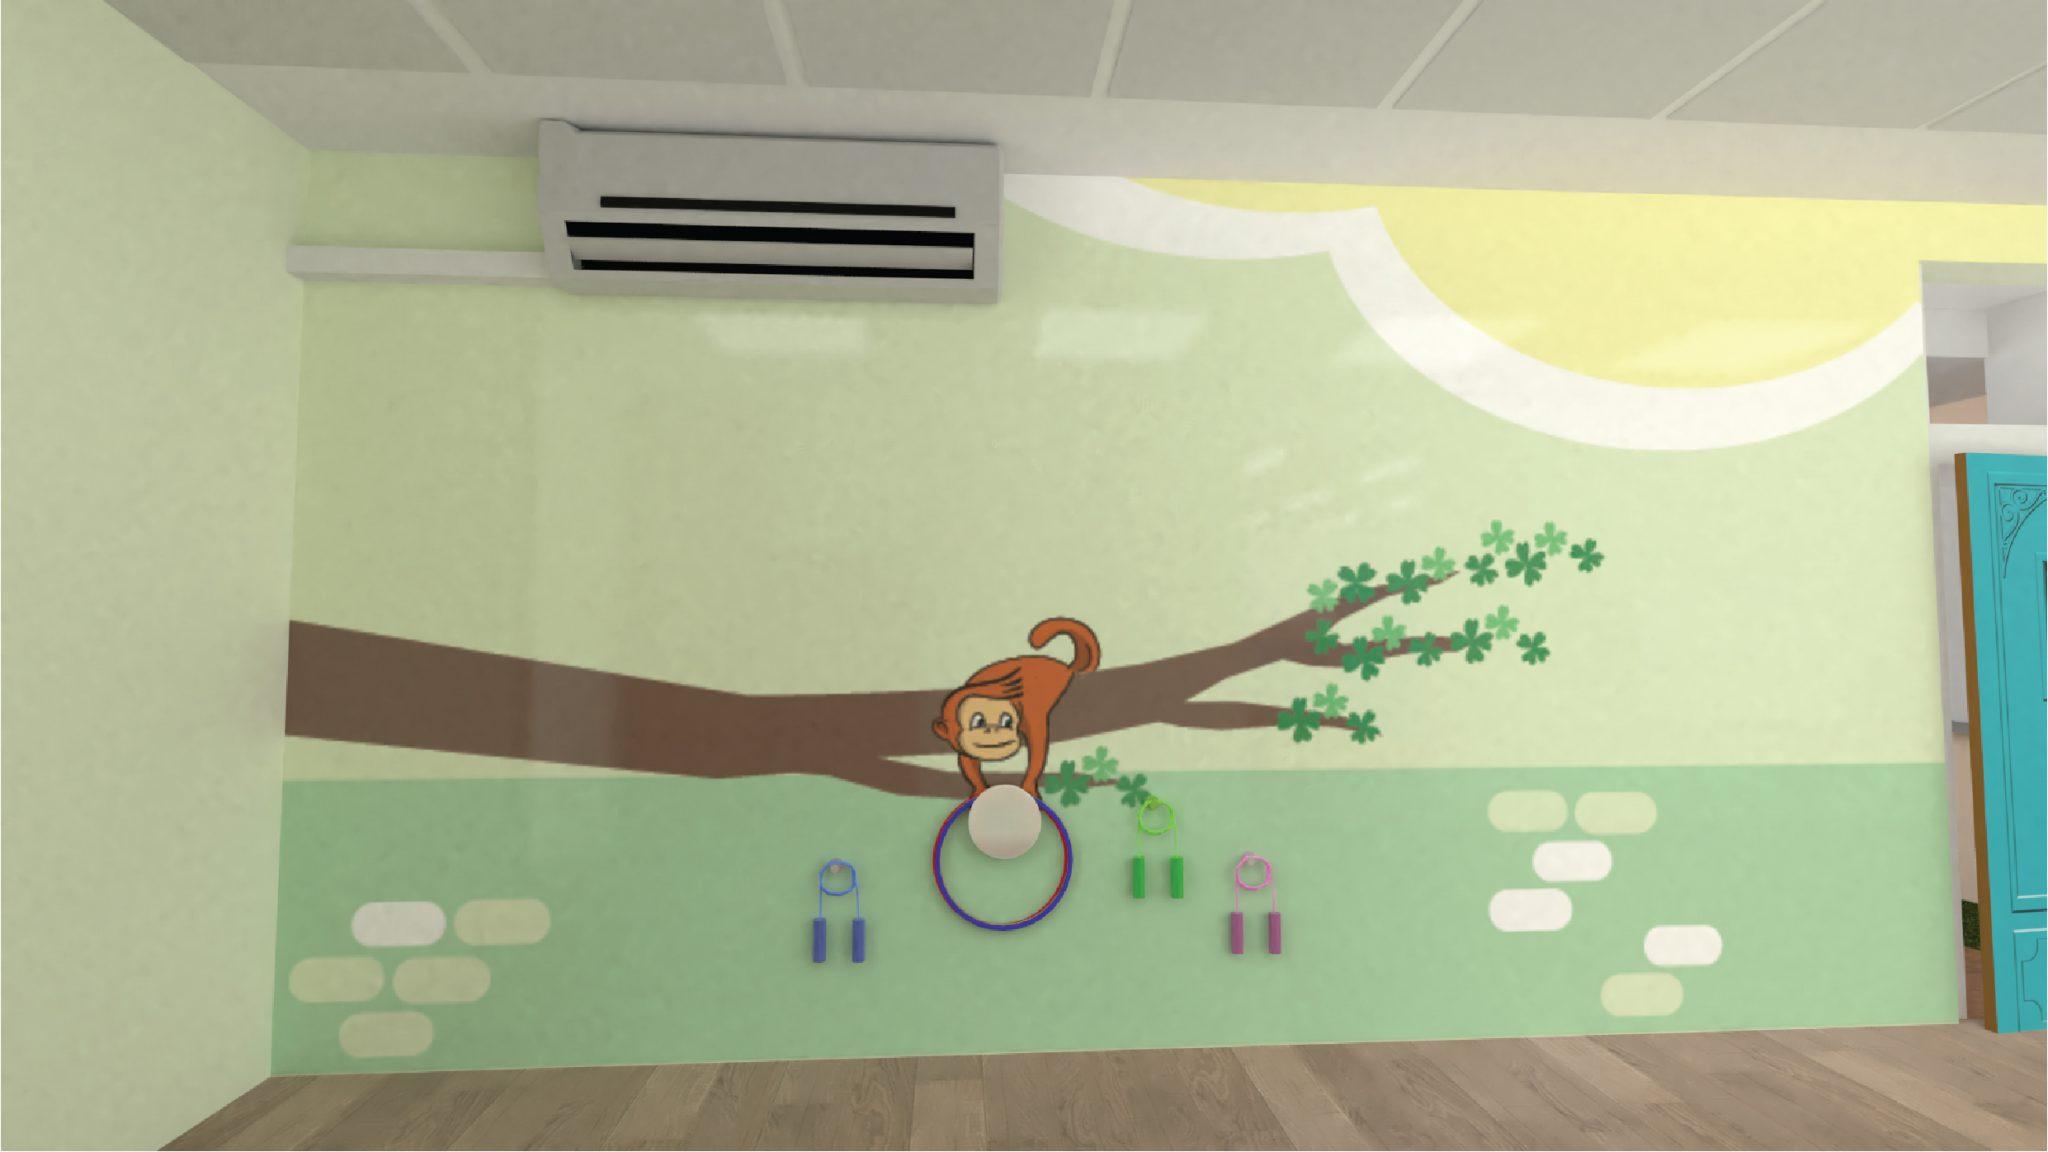 """הדמיה- דלגיות וחישוקים ב""""פינת התנועה"""" המויצגת על ידי קוף"""